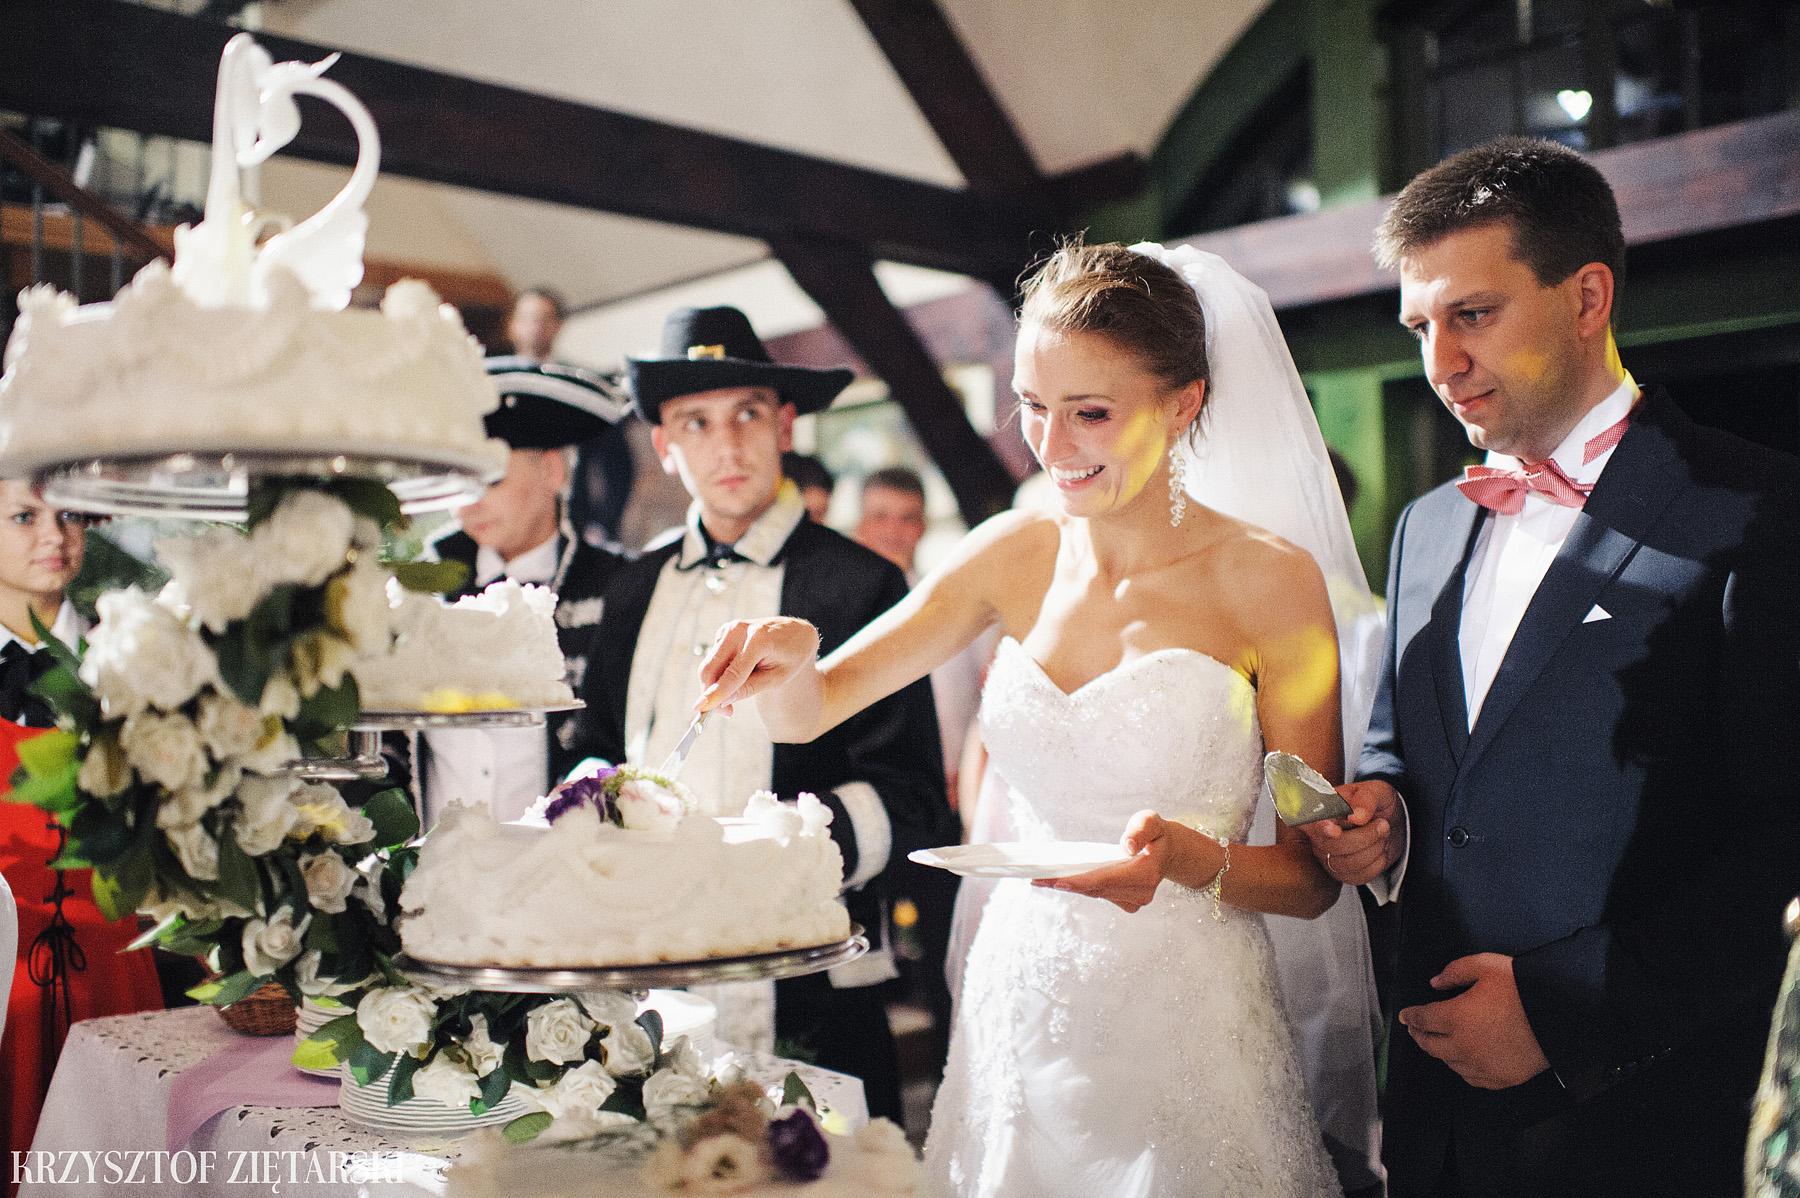 Karolina i Jacek - Fotografia ślubna Gdańsk, Chwaszczyno, Gościniec dla Przyjaciół Wyczechowo Hilary - 44.